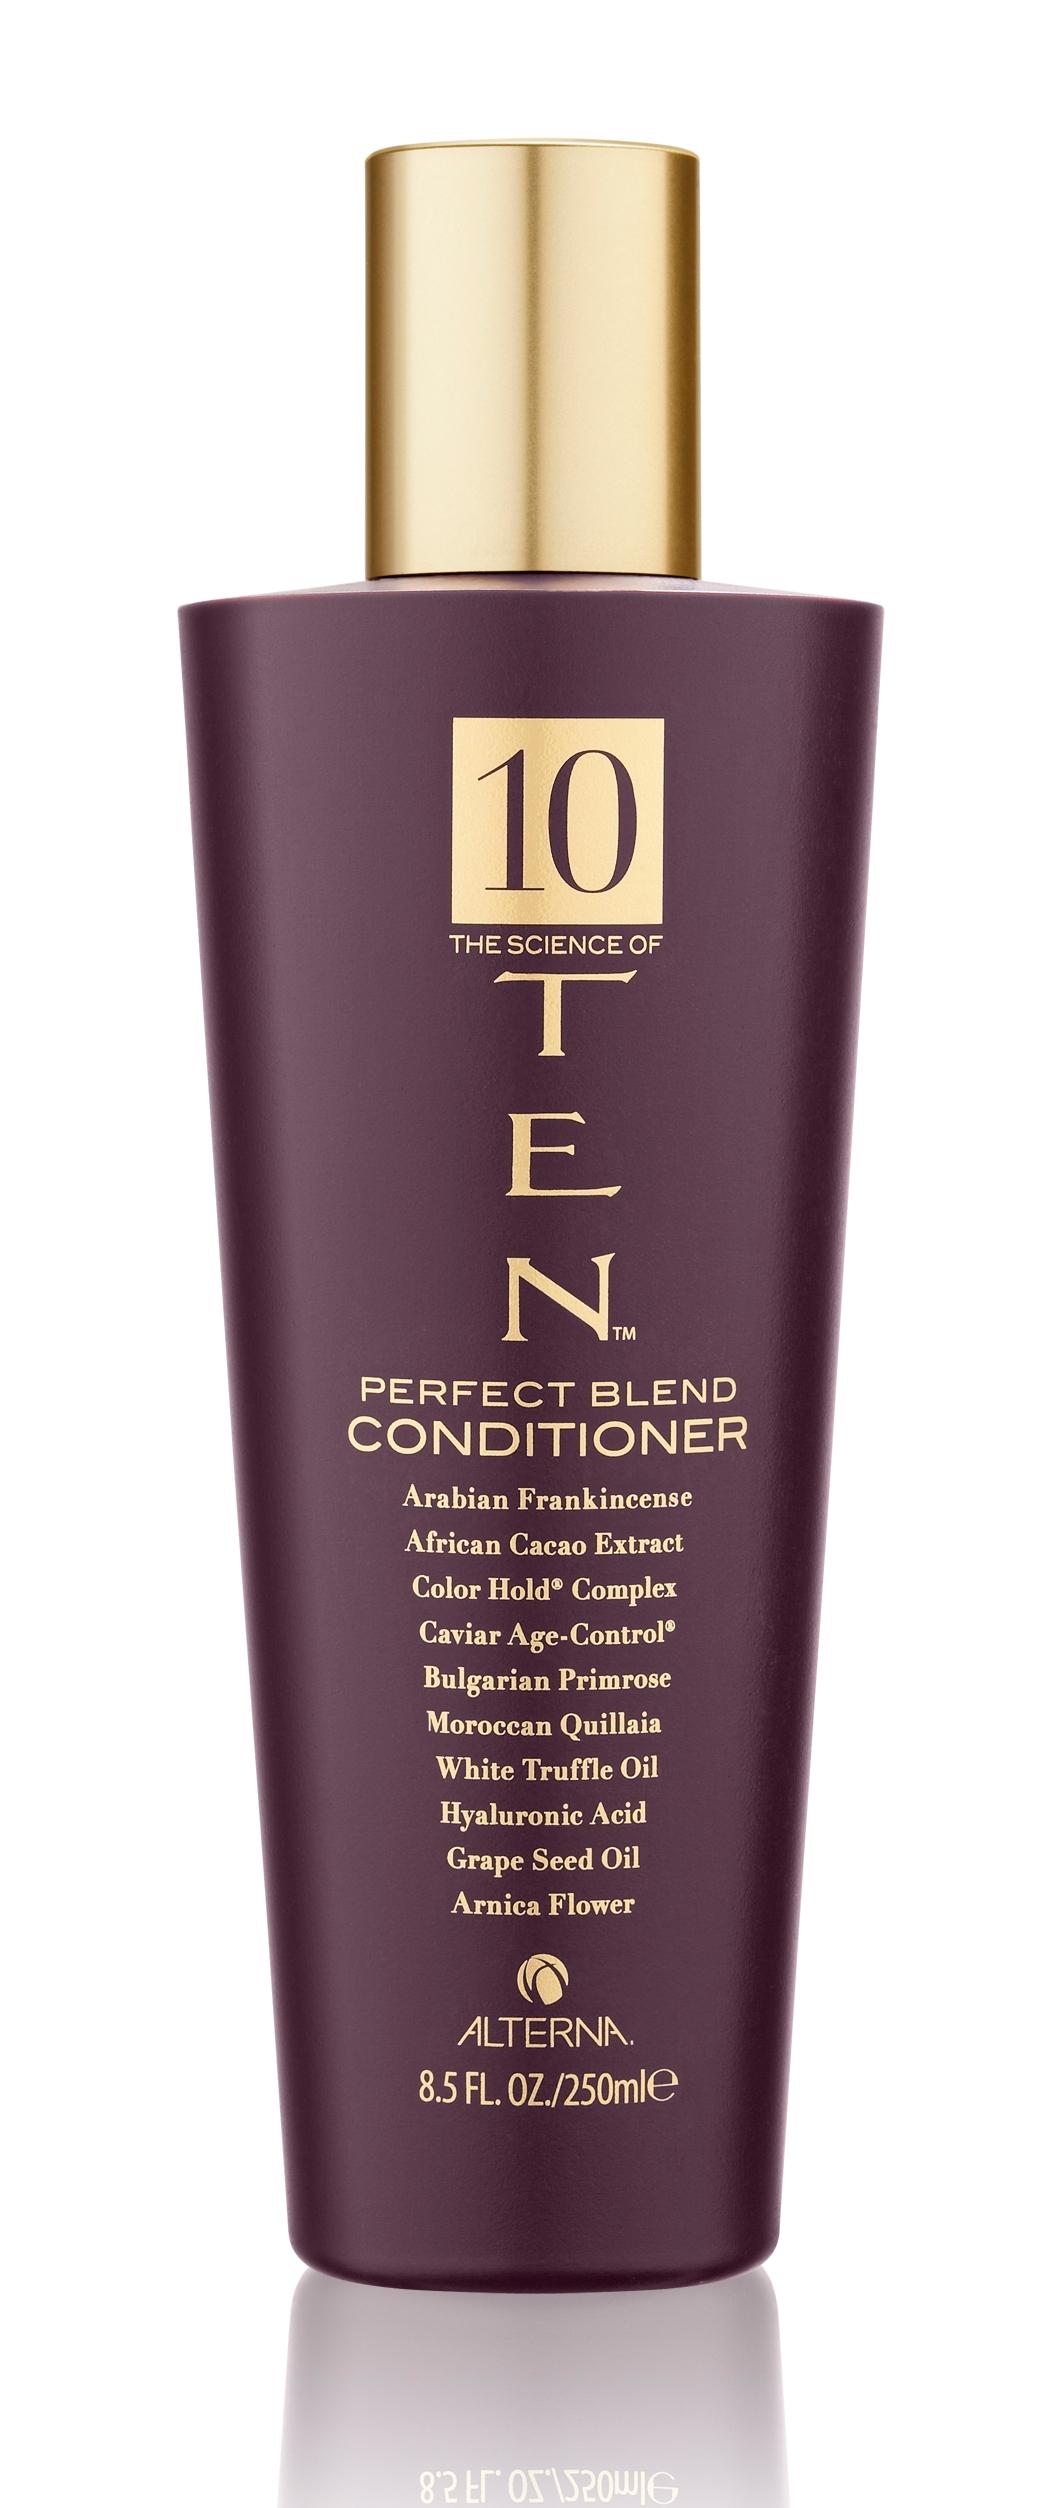 ALTERNA Кондиционер Совершенная формула / LUXURY TEN 250млКондиционеры<br>Высококонцентрированный кондиционер на основе комплекса The Science of TEN  обеспечивает идеальный ежедневный уход для волос всех типов. Доставляет и запечатывает в волосах все необходимые ингредиенты. Насыщенная текстура кондиционера питает и наполняет истощенные волосы влагой. Сохраняет яркость и сочность цвета, укрепляет волосы, облегчает расчесывание, придает волосам сияние и красоту. Активные ингредиенты: энзимотерапевтический комплекс , экстракт африканского какао, гиалуроновая кислота, Age-Control Complex   комплекс против старения волос , комплекс фиксации цвета , итальянский белый трюфель, масло косточек винограда из французской провинции Шампань, экстракт болгарской вечерней примулы, кора марокканского мыльного дерева, экстракт цветков арники, арабский ладан. Способ применения: при ежедневном использовании: нанесите шампунь The Science of TEN shampoo на влажные, вымытые волосы. Равномерно распределите кондиционер по всей длине волос, тщательно прорабатывая руками. Оставьте кондиционер на волосах для воздействия минимум на 2 3 минуты. Тщательно смойте водой. При использовании 1 2 раза в неделю: нанесите кондиционер аналогичным образом и оставьте для более эффективного воздействия на 15 20 минут с теплом (используйте климазон, вапоризатор). Остудите и тщательно смойте водой.<br>